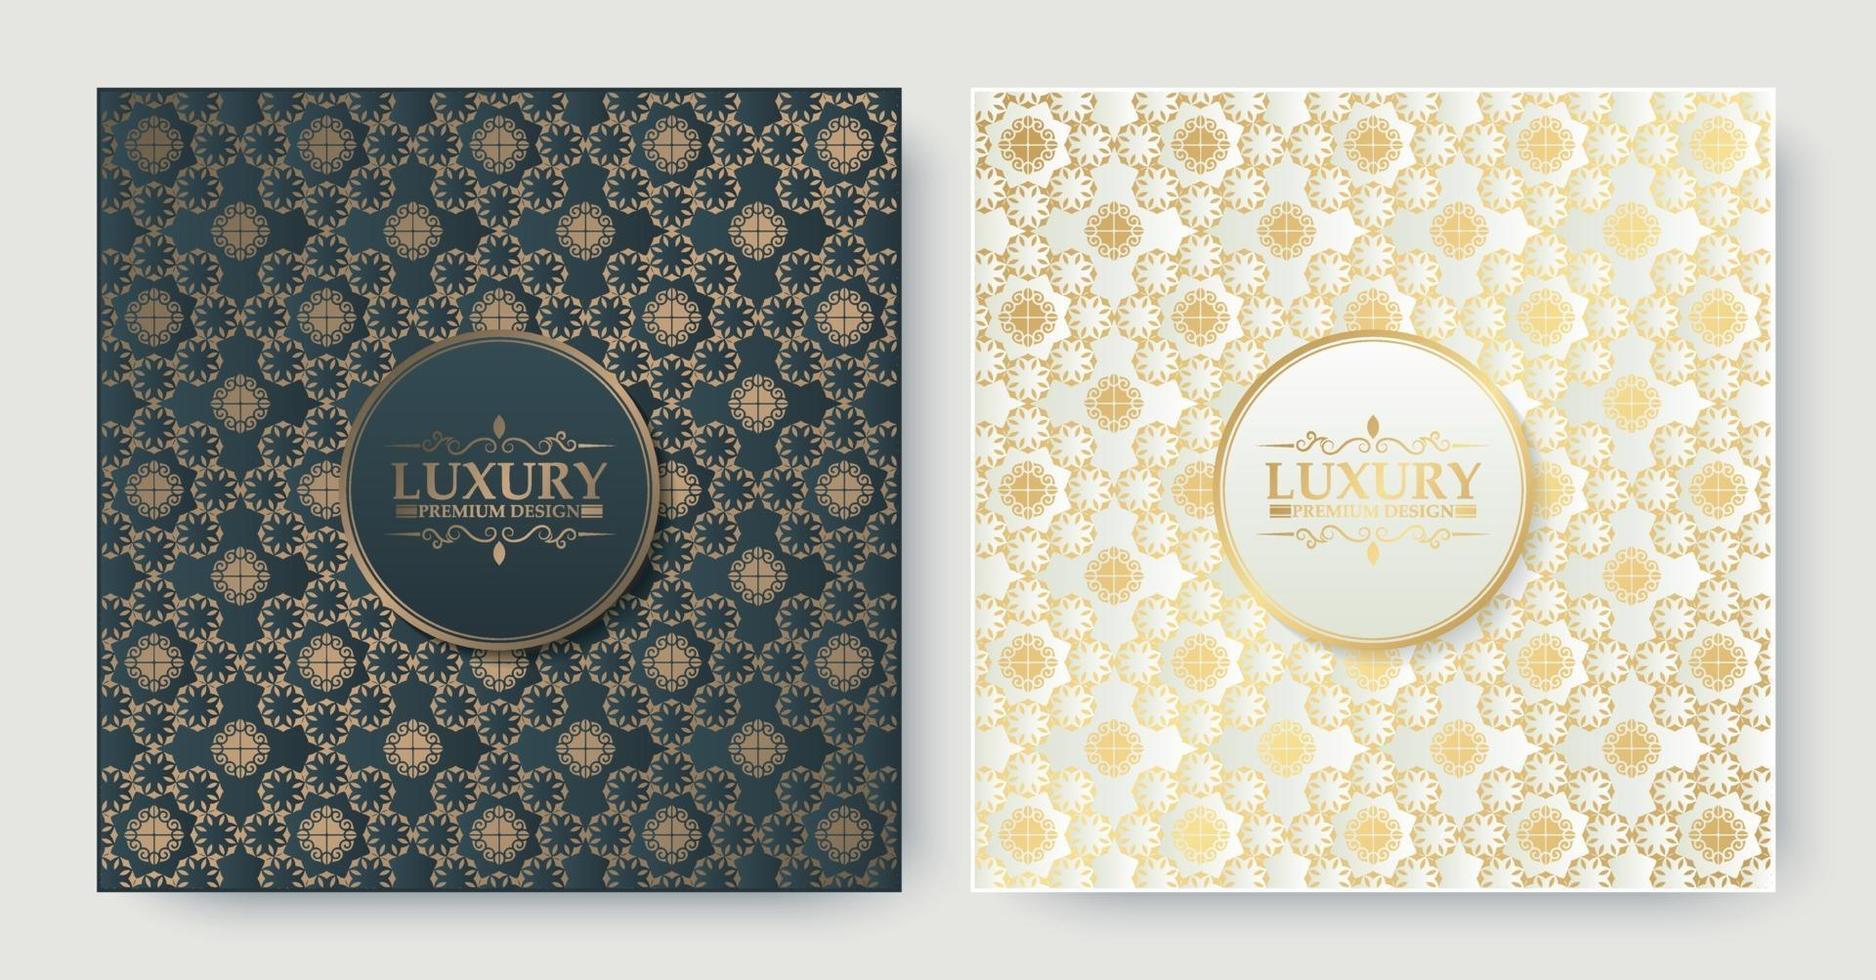 Luxus Ziermuster Muster Textur Hintergrund vektor